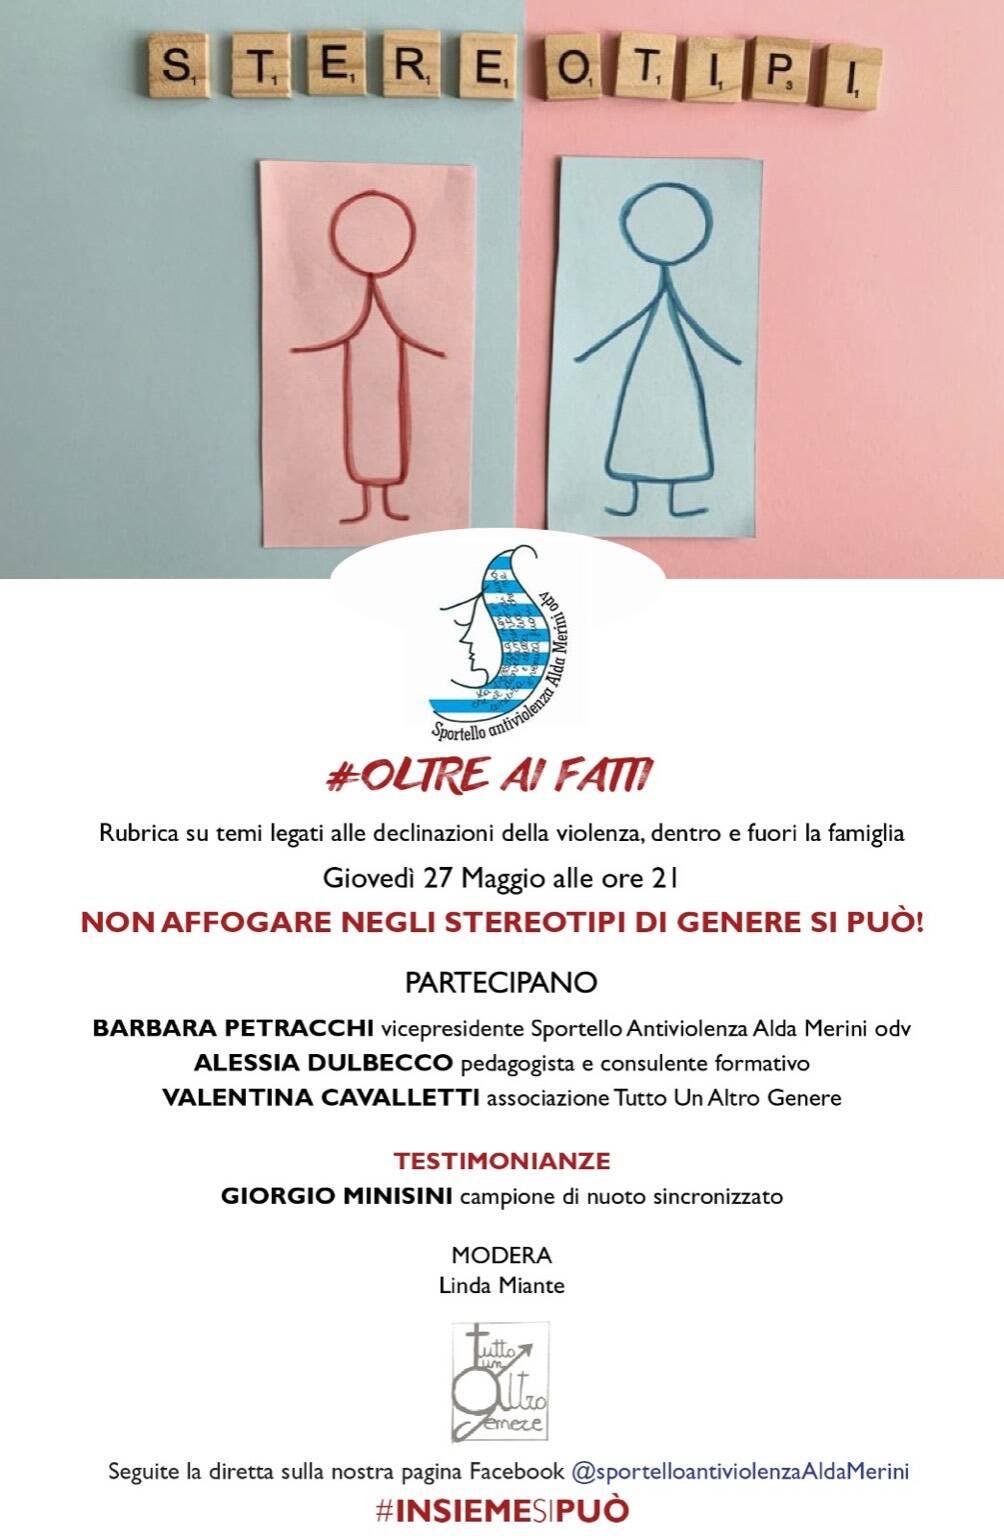 Albissola Marina Sportello Alda Merini evento Giorgio Minisini sincronetto